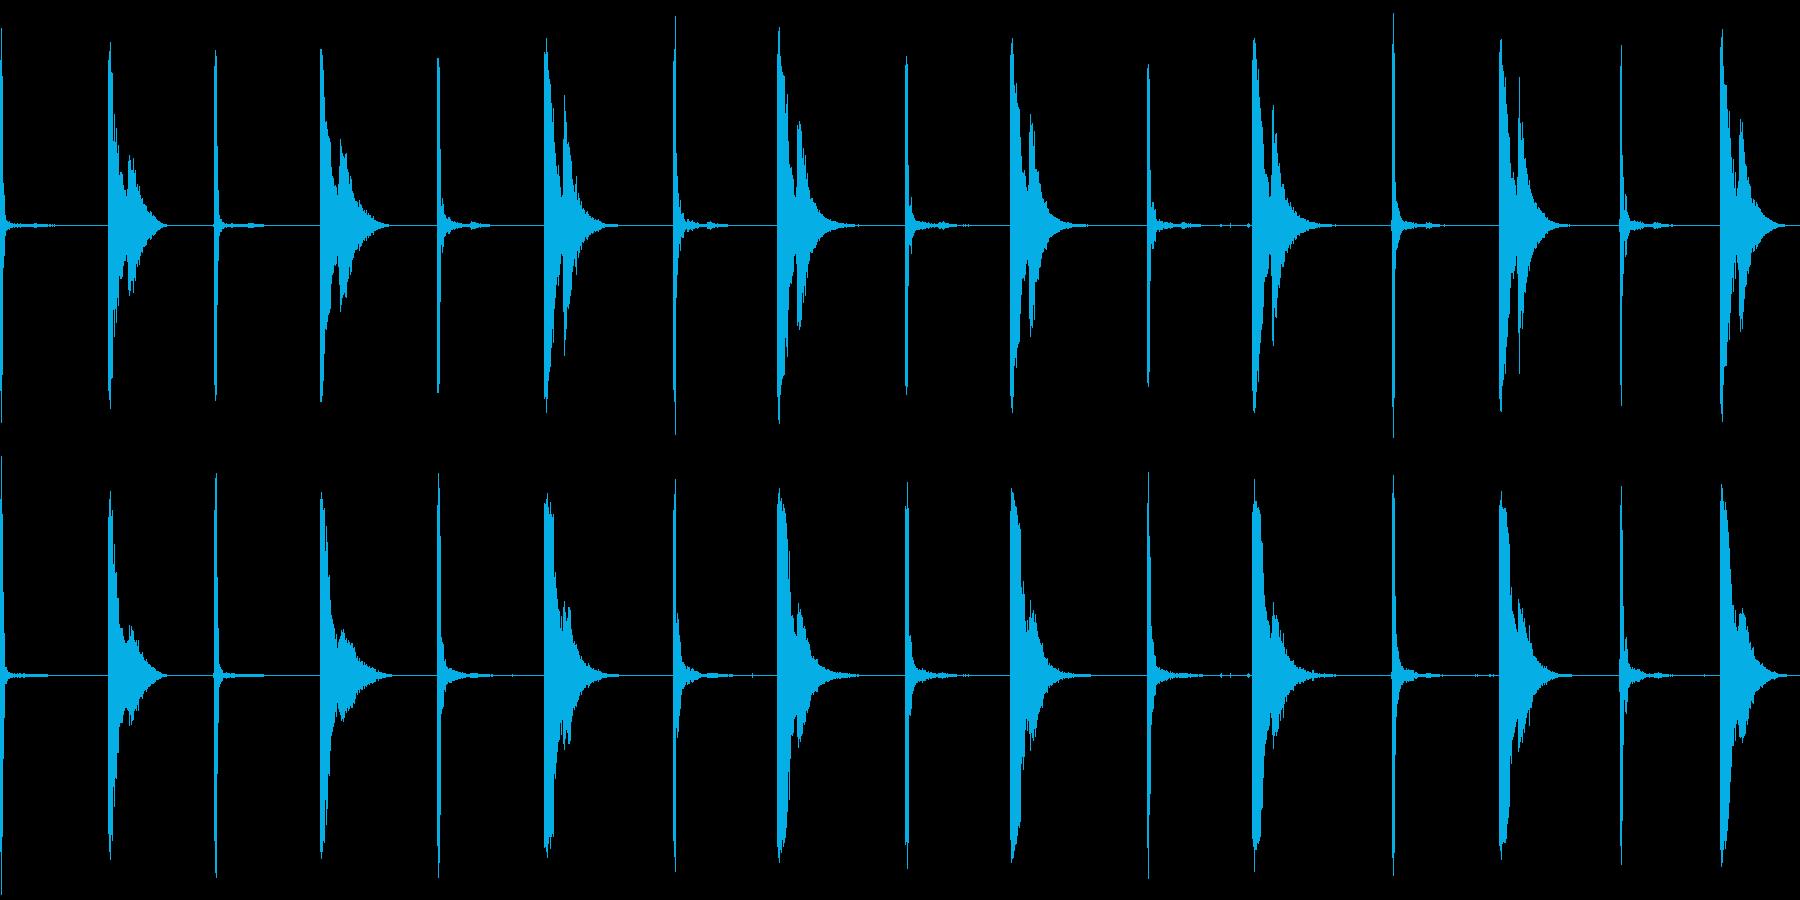 FAMAS F1グレネードランチャ...の再生済みの波形